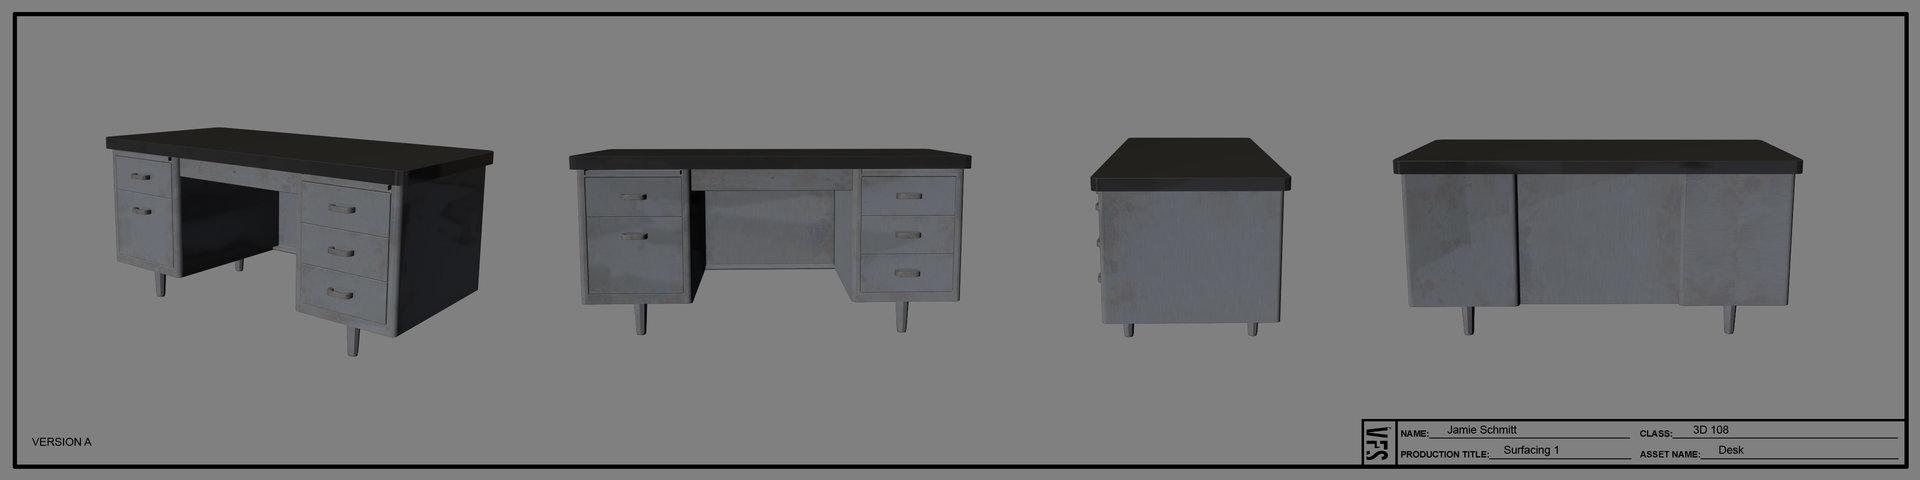 Jamie schmitt 3d108 jamieschmitt stilllife desk textured fin